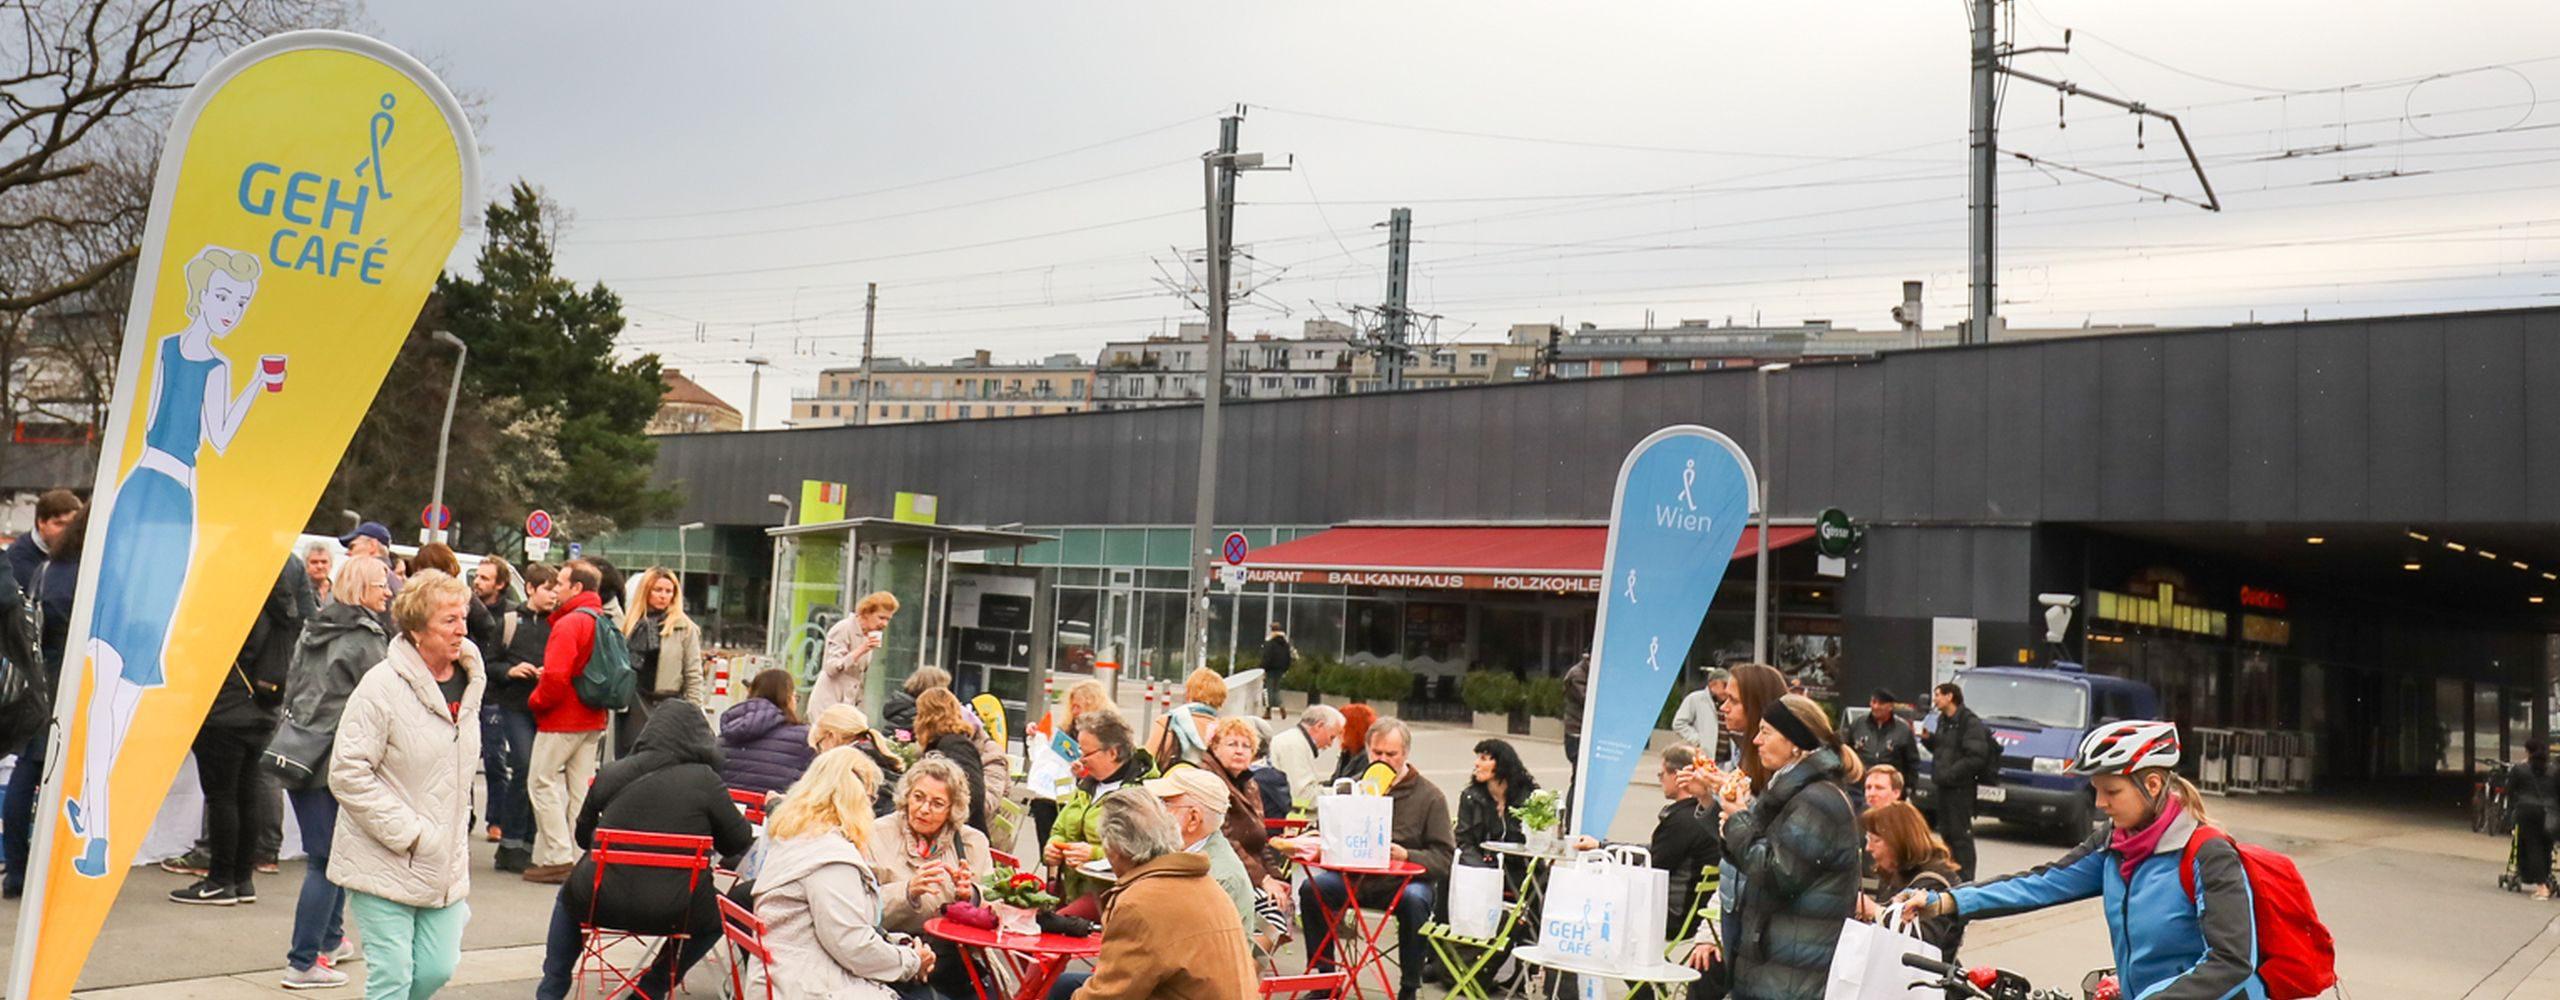 Am 5. April 2018 spazierten die Besucherinnen und Besucher des Geh-Cafés gemeinsam rund um den Praterstern. Foto: Christian Fürthner